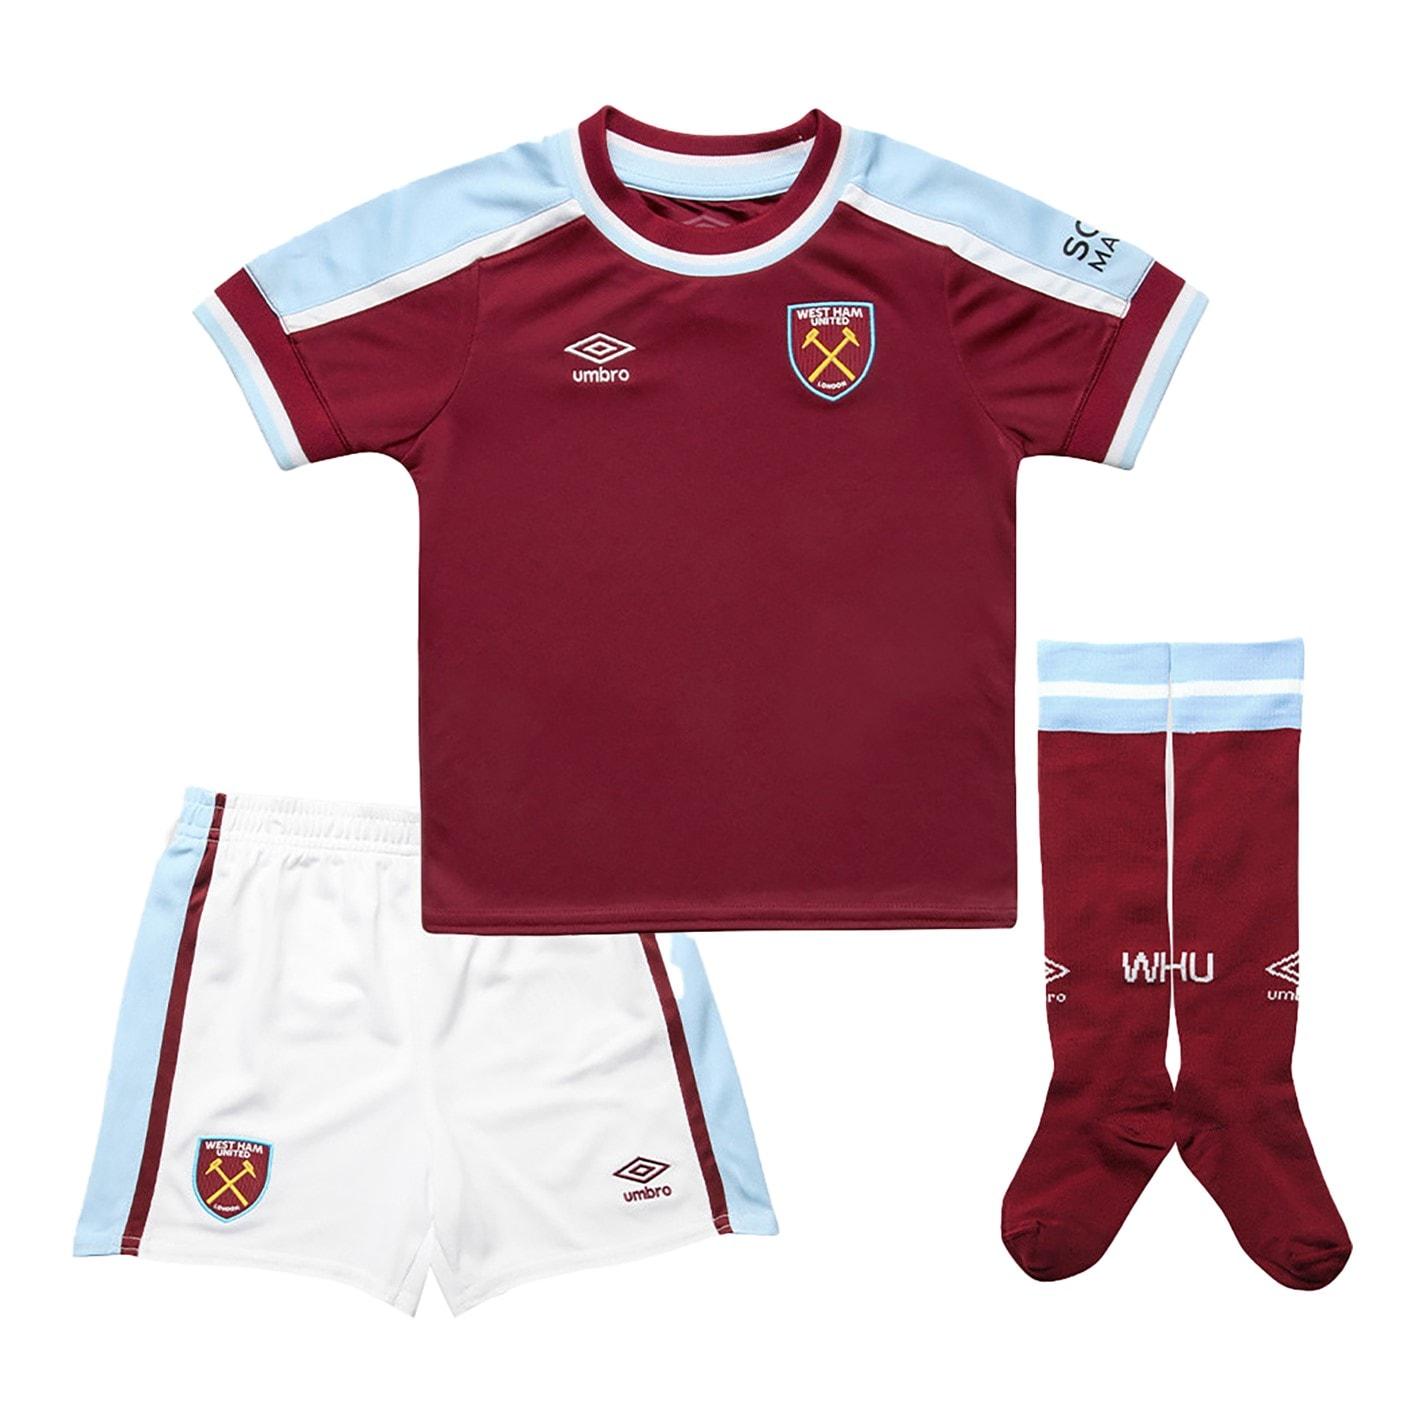 Set Umbro West Ham United Acasa 2021 2022 visiniu albastru